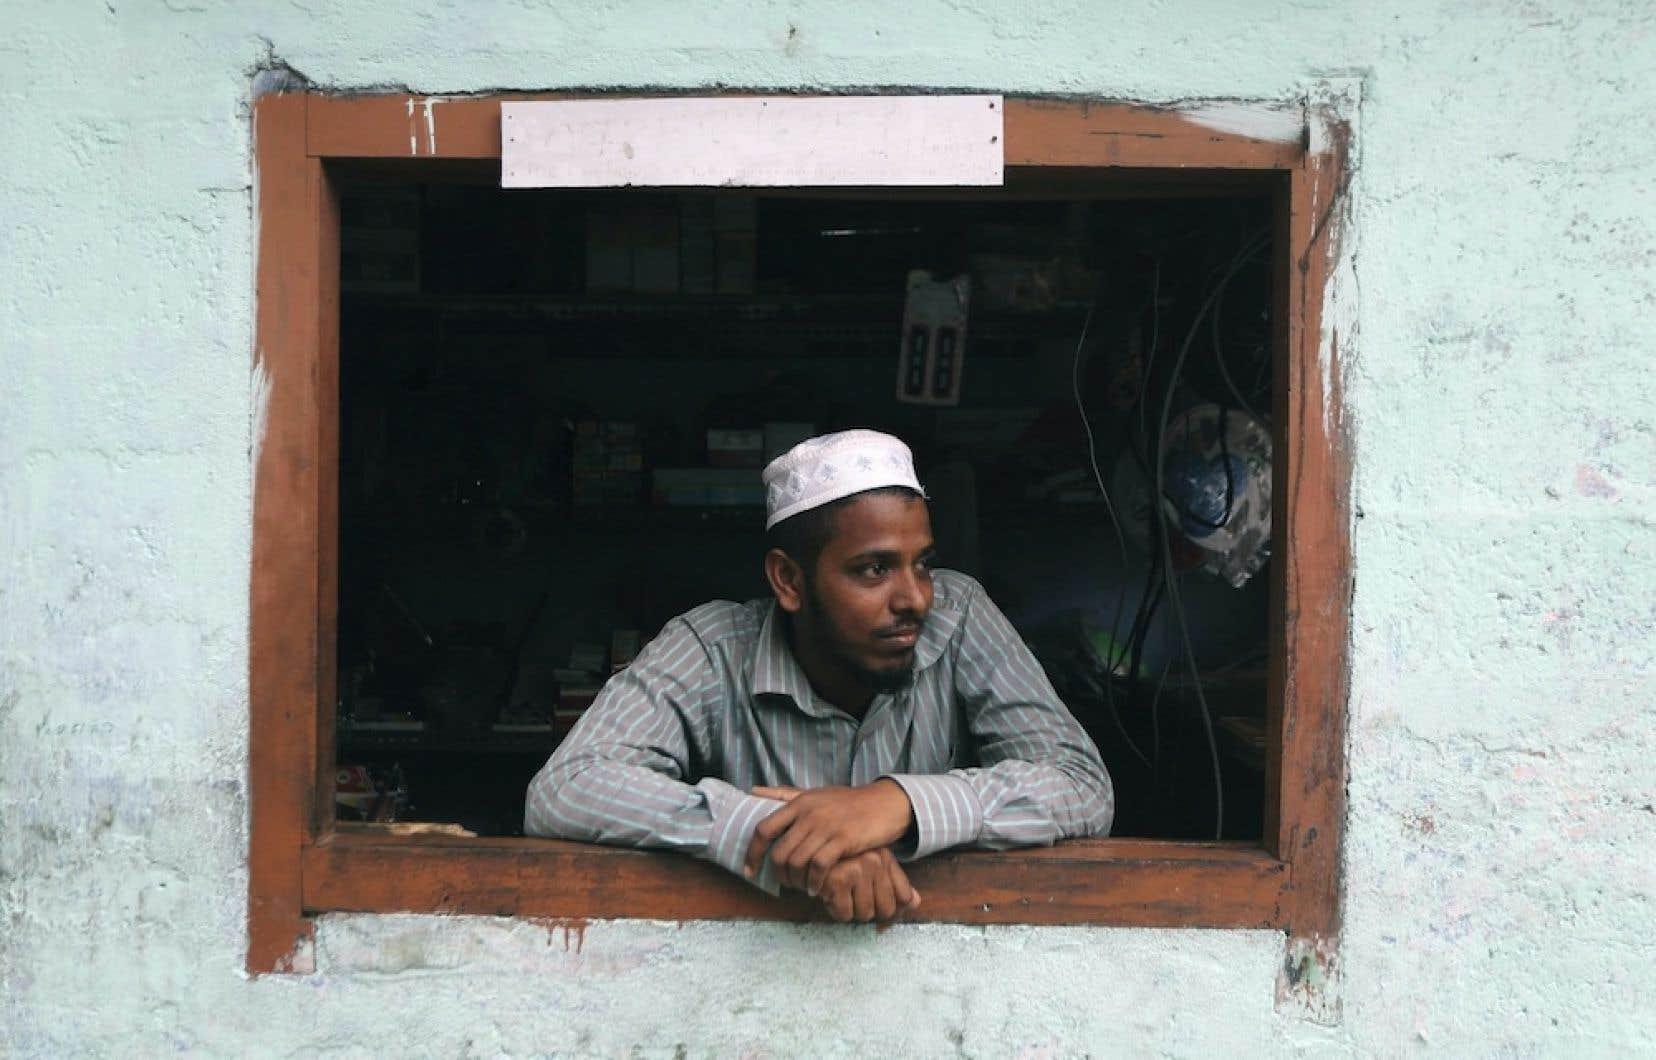 Un marchand musulman, au Sri Lanka. Selon une étude de l'institut Pew, montre que l'application chez les musulmans de la charia est surtout souhaitée dans la sphère privée, pour régler les affaires familiales ou foncières, par les musulmans habitant des pays où siègent déjà des cours religieuses de ce type.